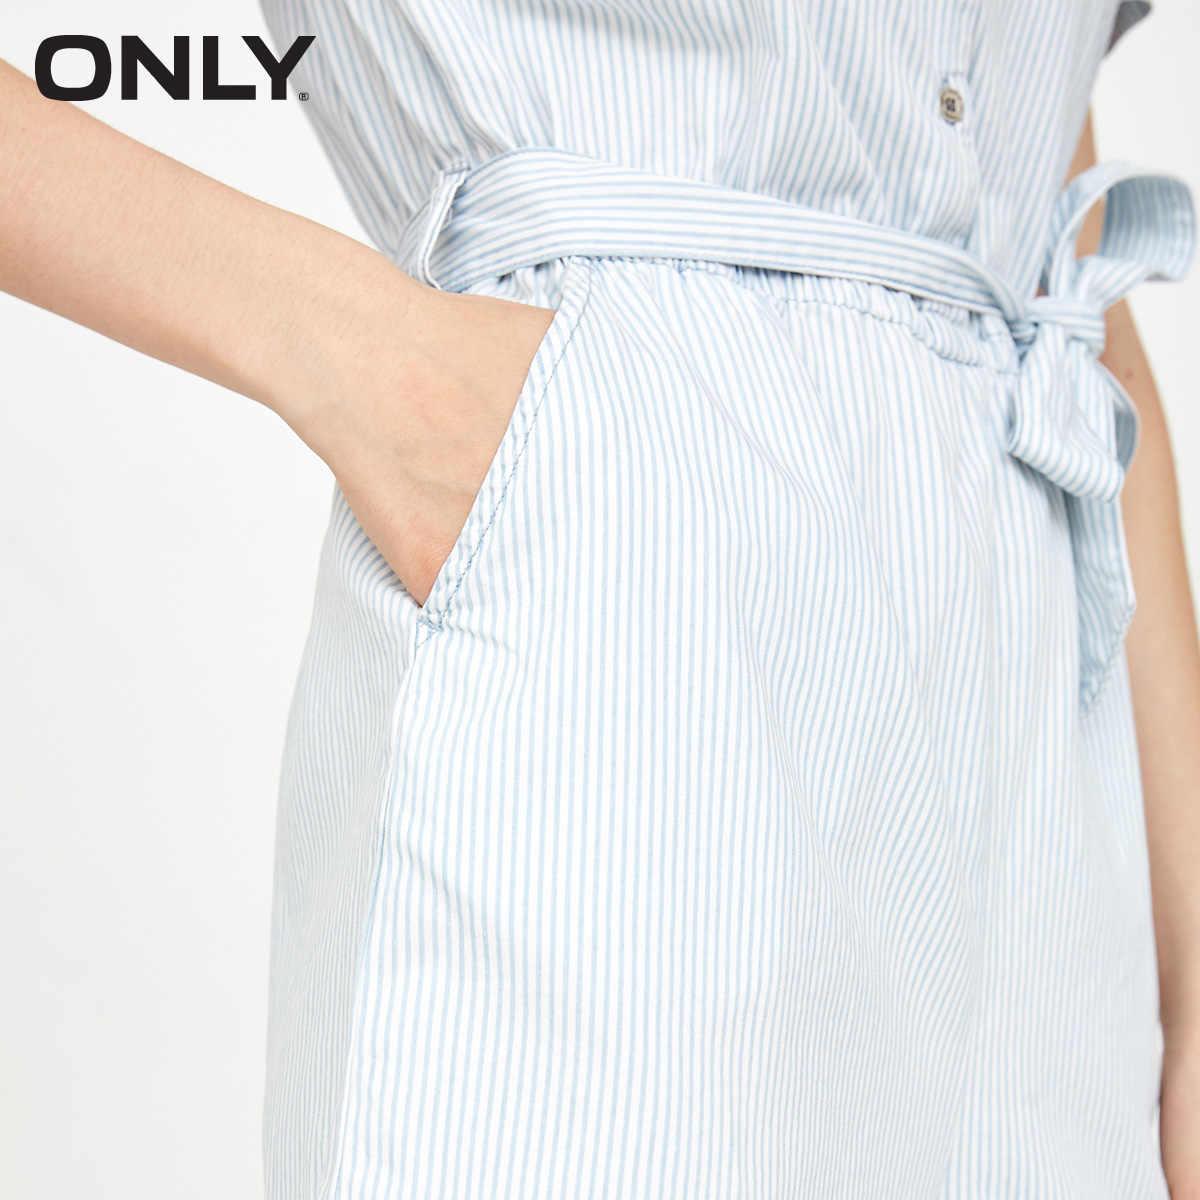 Только летние новые подвесные джинсовые шорты для женщин   118376502